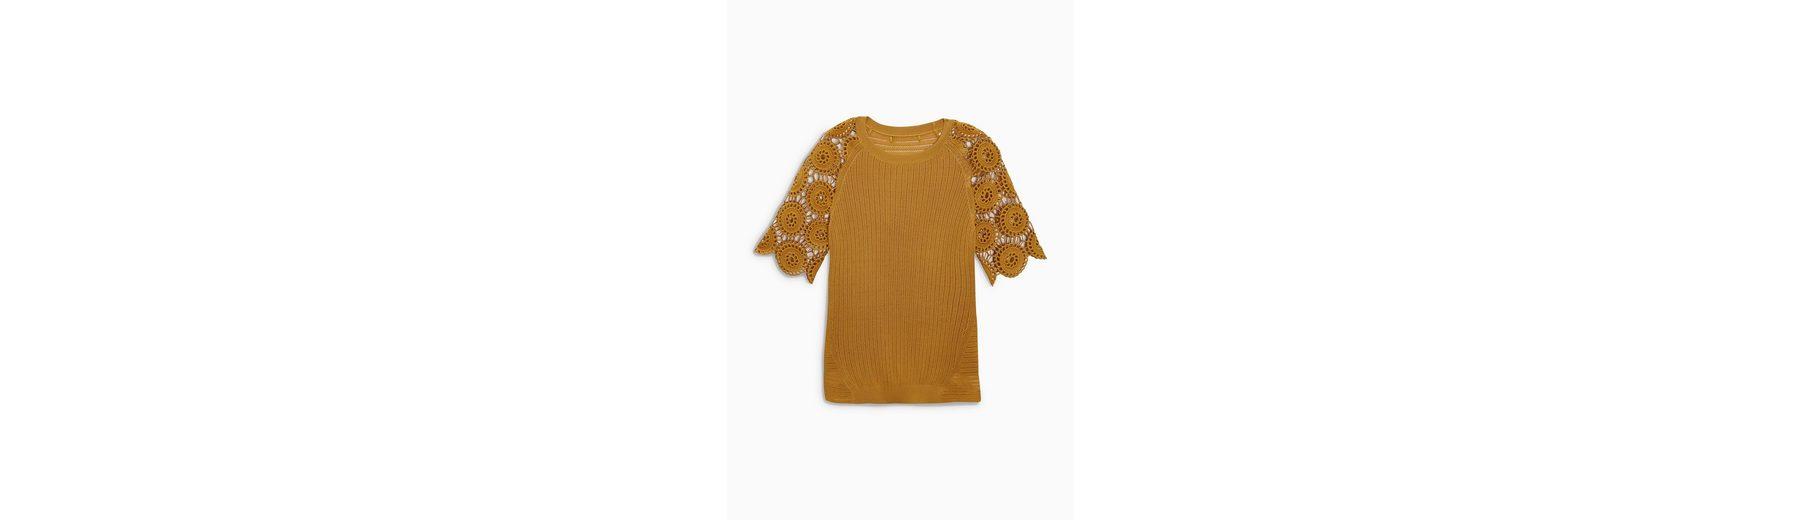 Next Pullover mit Spitzenärmeln Outlet Kaufen Billig Verkauf Für Schön Verkauf Countdown-Paket Verkauf Erhalten Zu Kaufen Outlet-Store srf0U